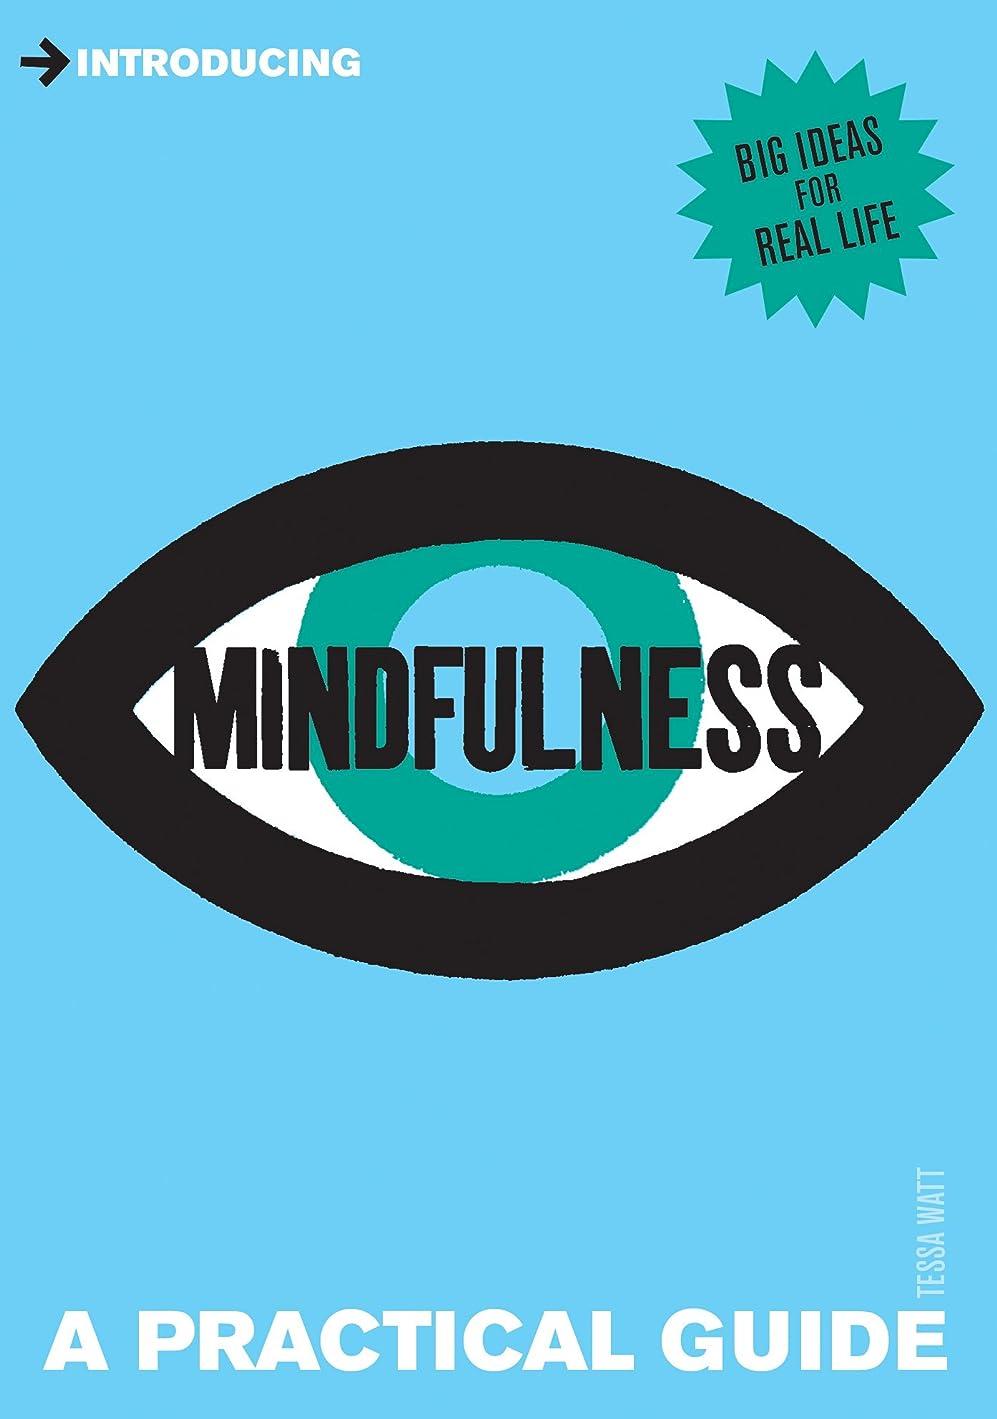 絶望的な深遠警察Introducing Mindfulness: A Practical Guide (Introducing...) (English Edition)